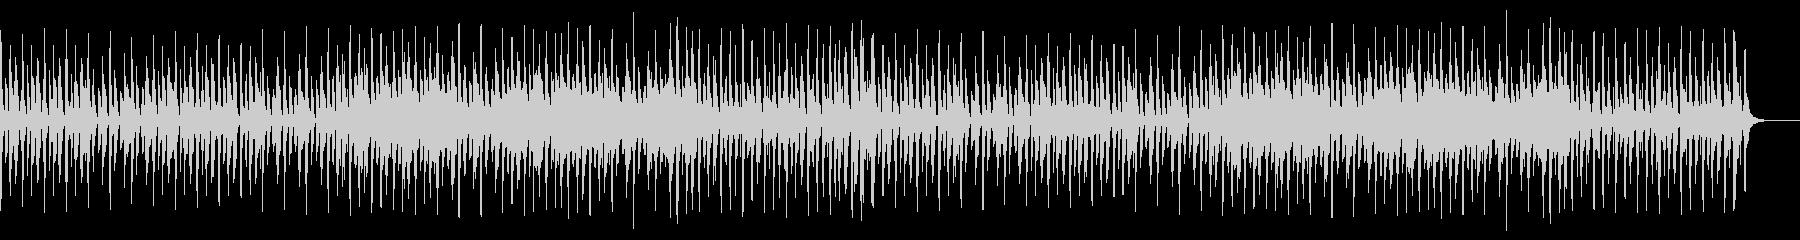 メロディーなしの未再生の波形